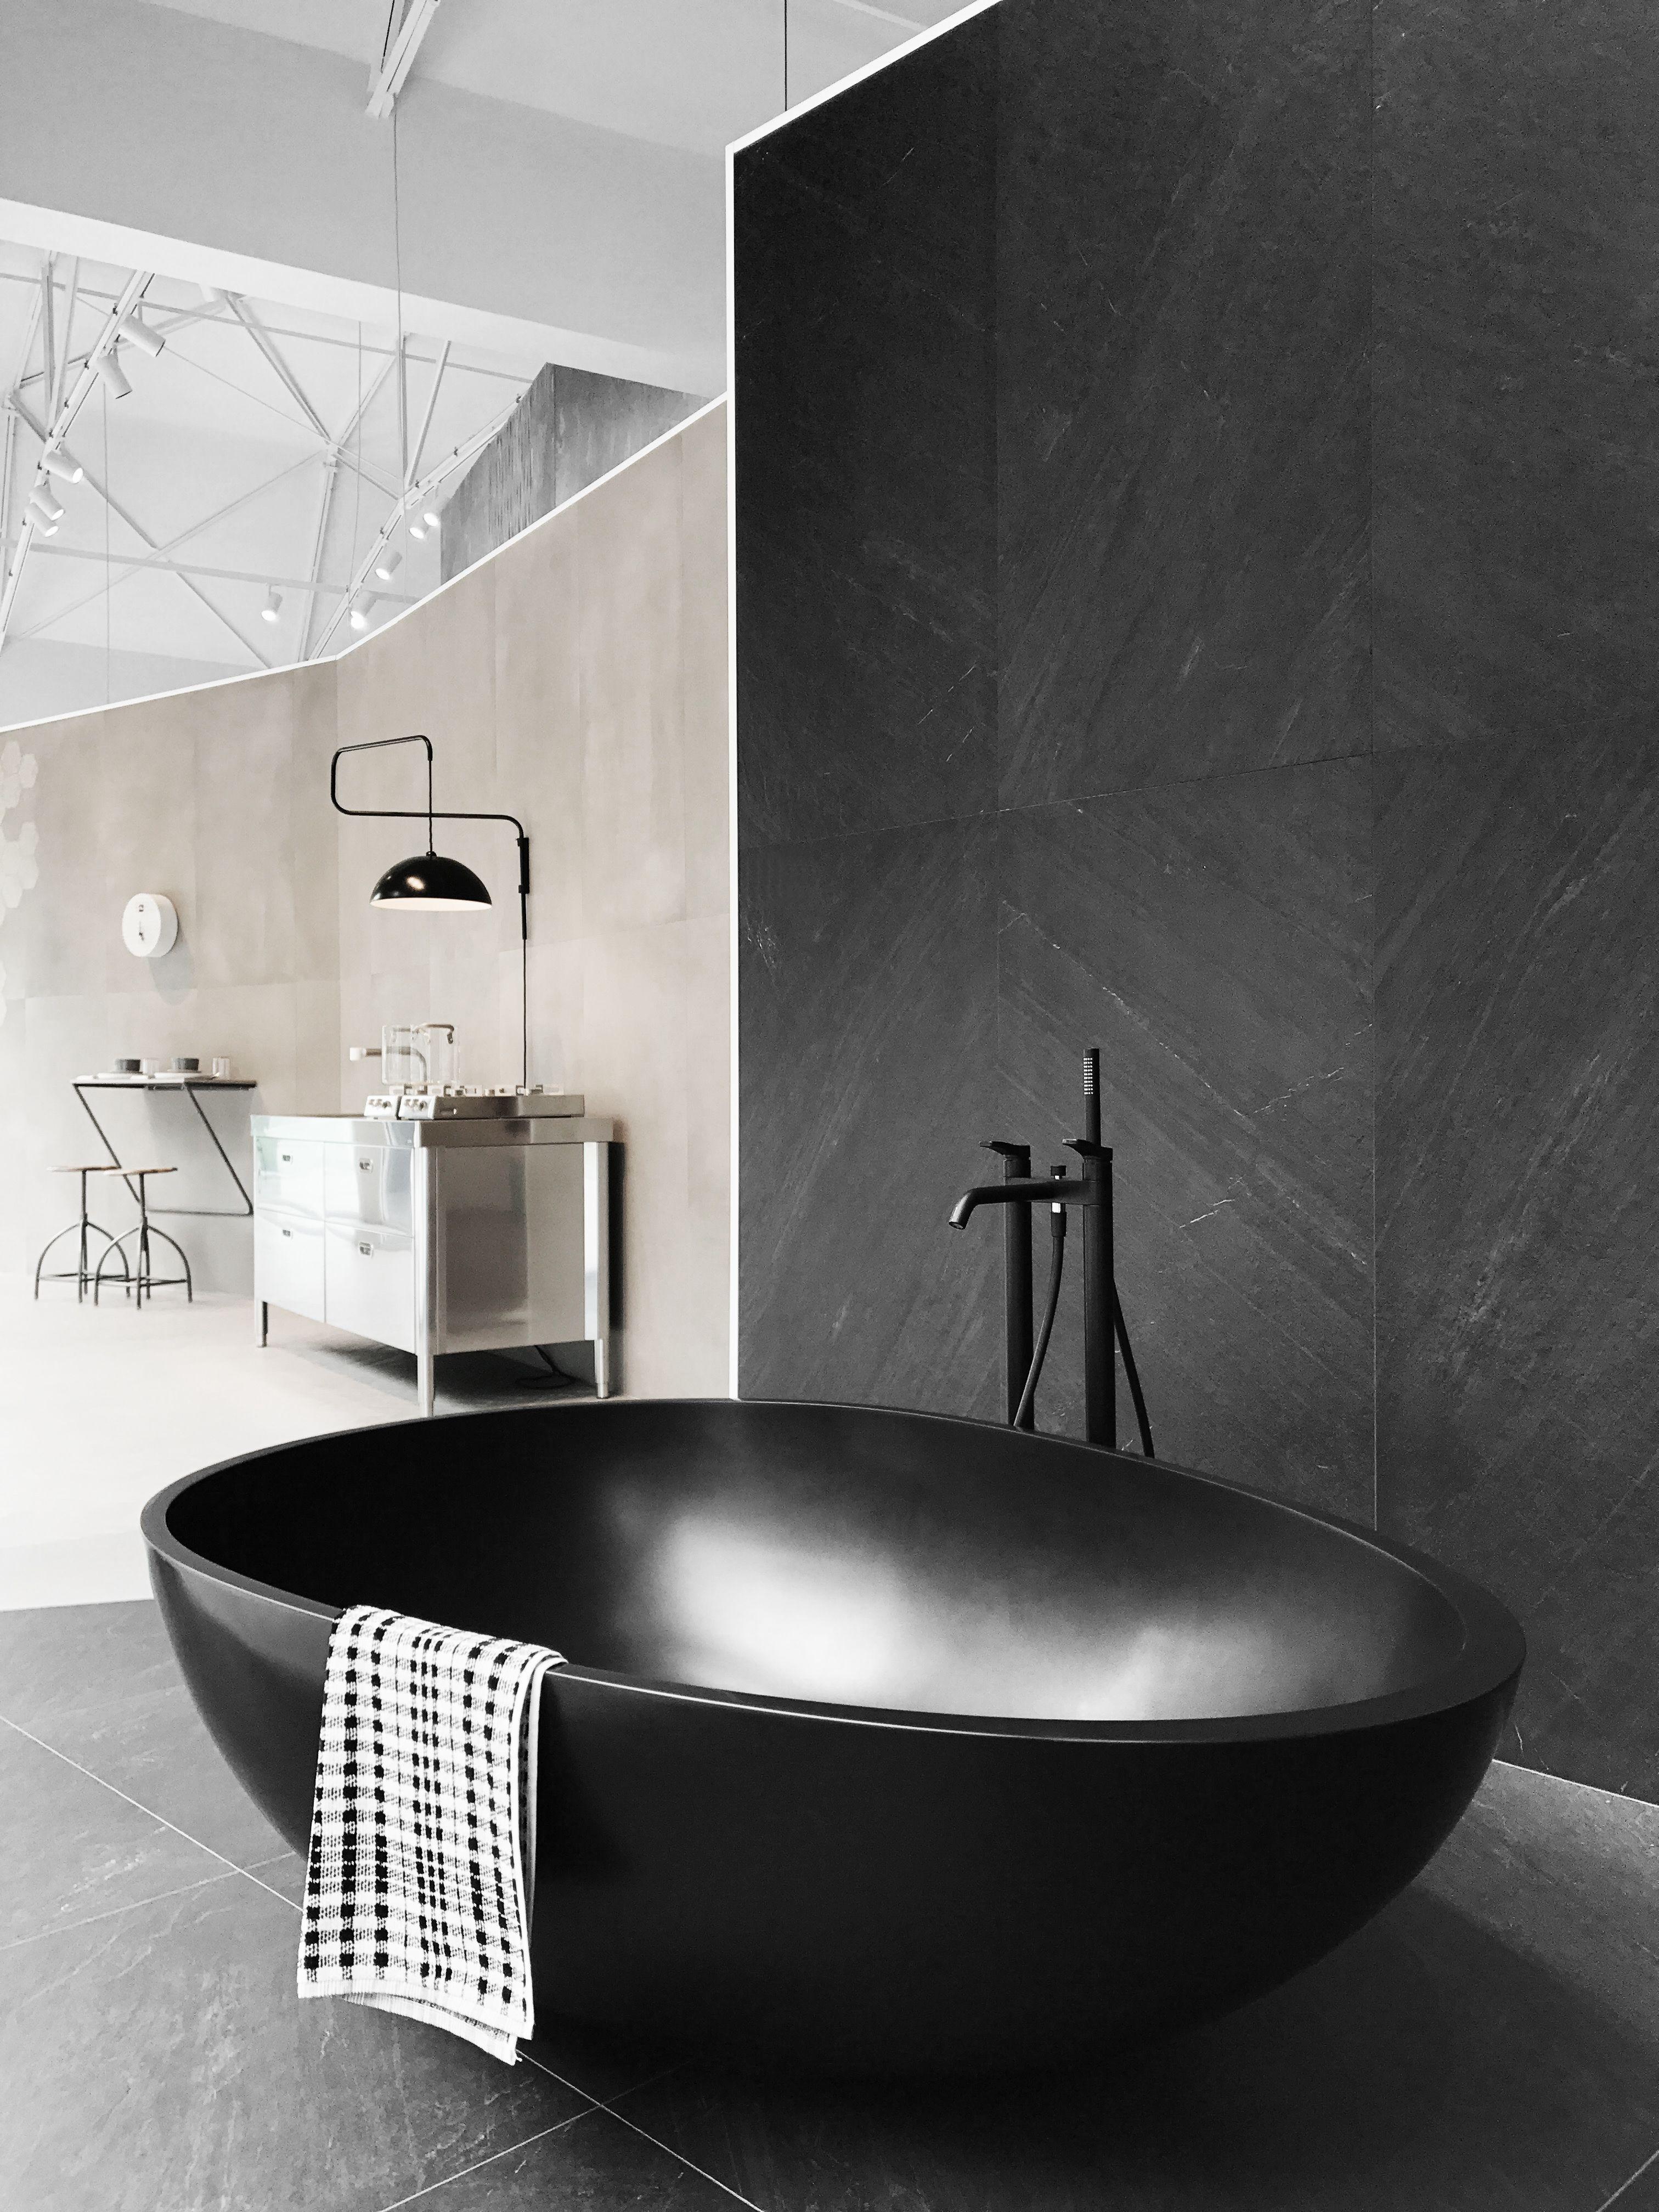 Merveilleux Mastella Design VOV Black. #mastella #mastelladesign #bathtub #blackbathtub  #modernbathtub #modernbathroom #contemporarybathroom #designerbathroom ...